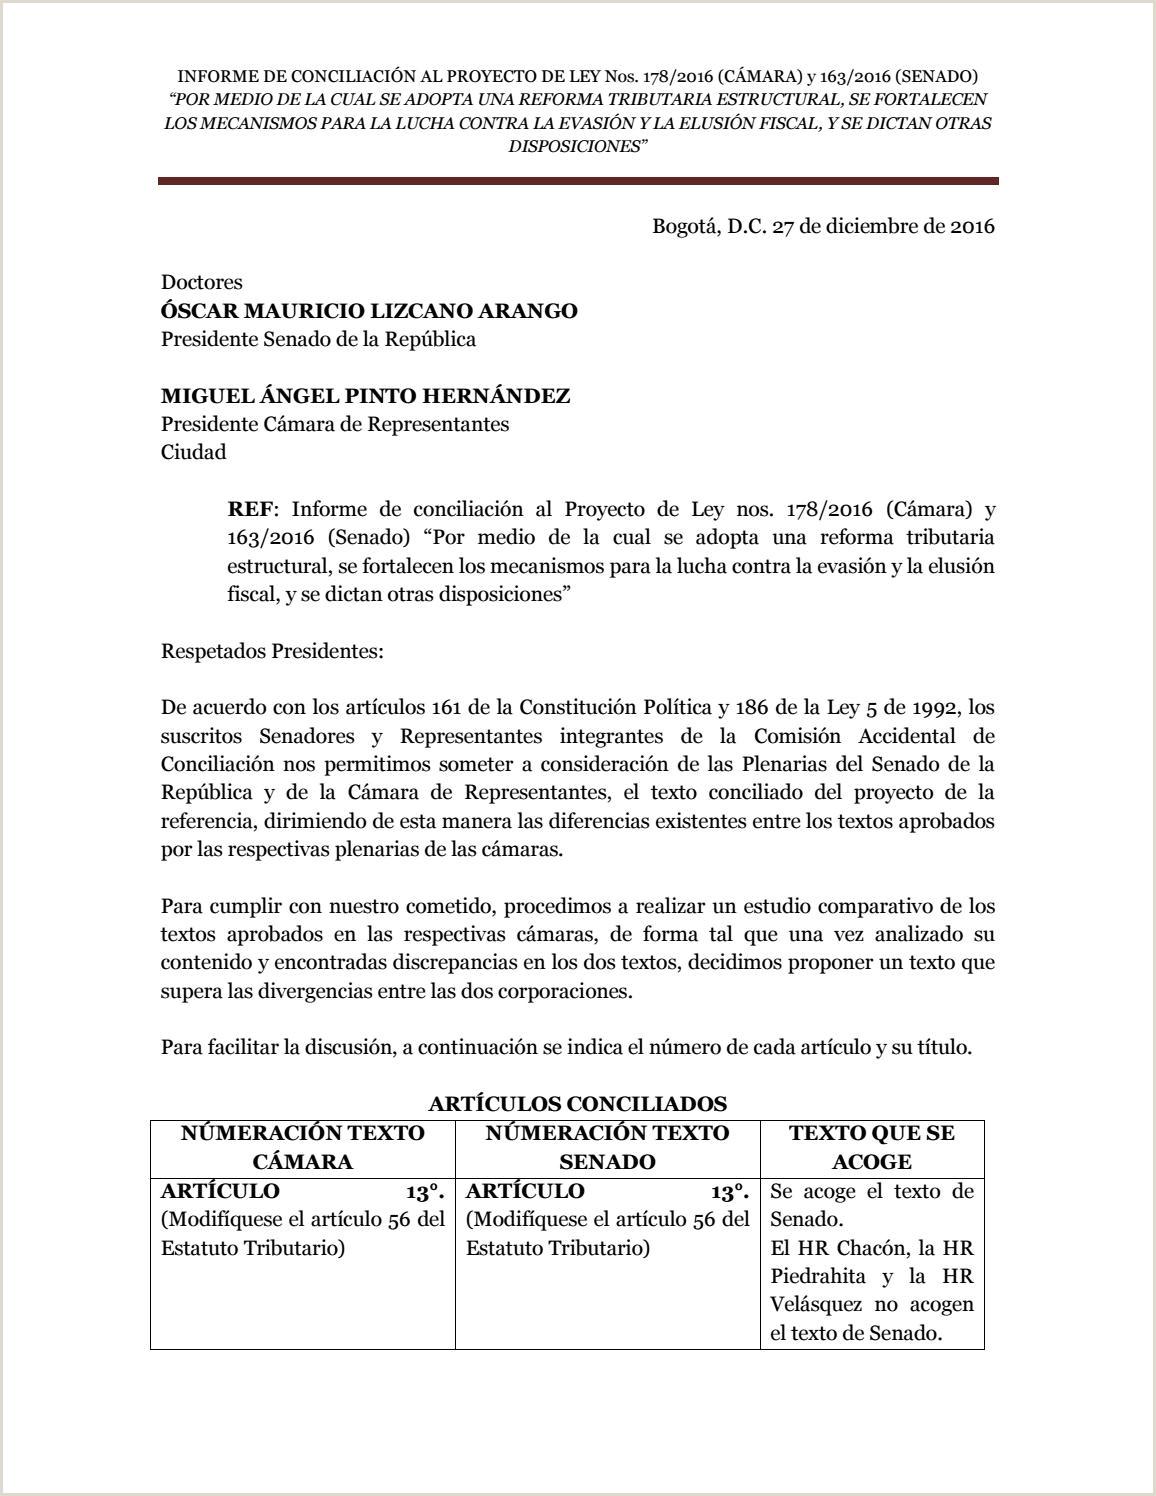 Informe conciliaci³n by Claudia L³pez Senado 10 Alianza